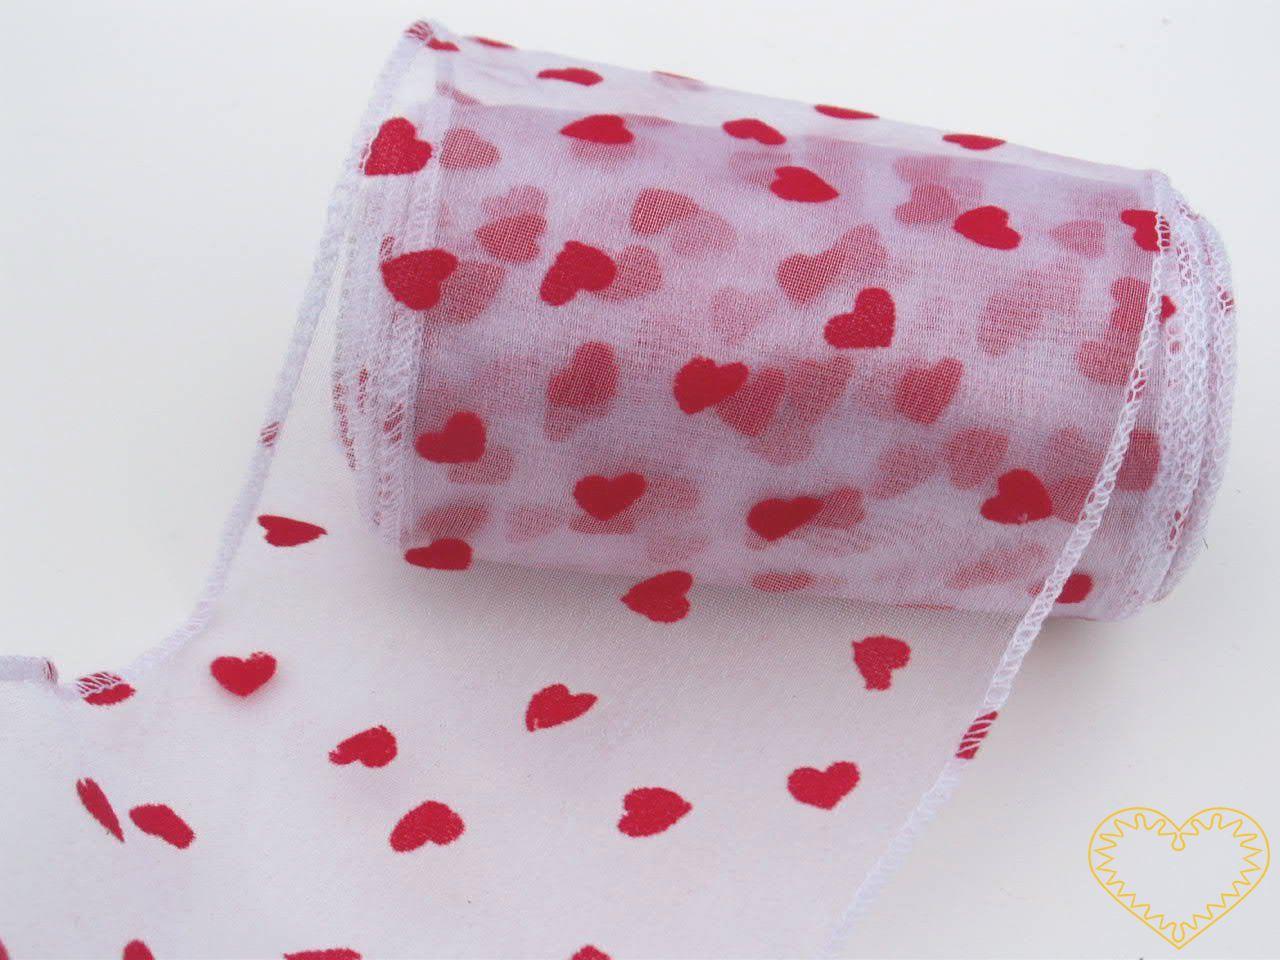 Organza bílá s tištěnými červenými srdíčky - šíře 12 cm, délka 9,14 m, z obou stran obroubená. Organza má široké využítí - k dekoračním účelům, k šití, do květinových aranžmá, pro výzdobu slavnostní tabule, k balení dárků, jako mašle, na výrobu broží